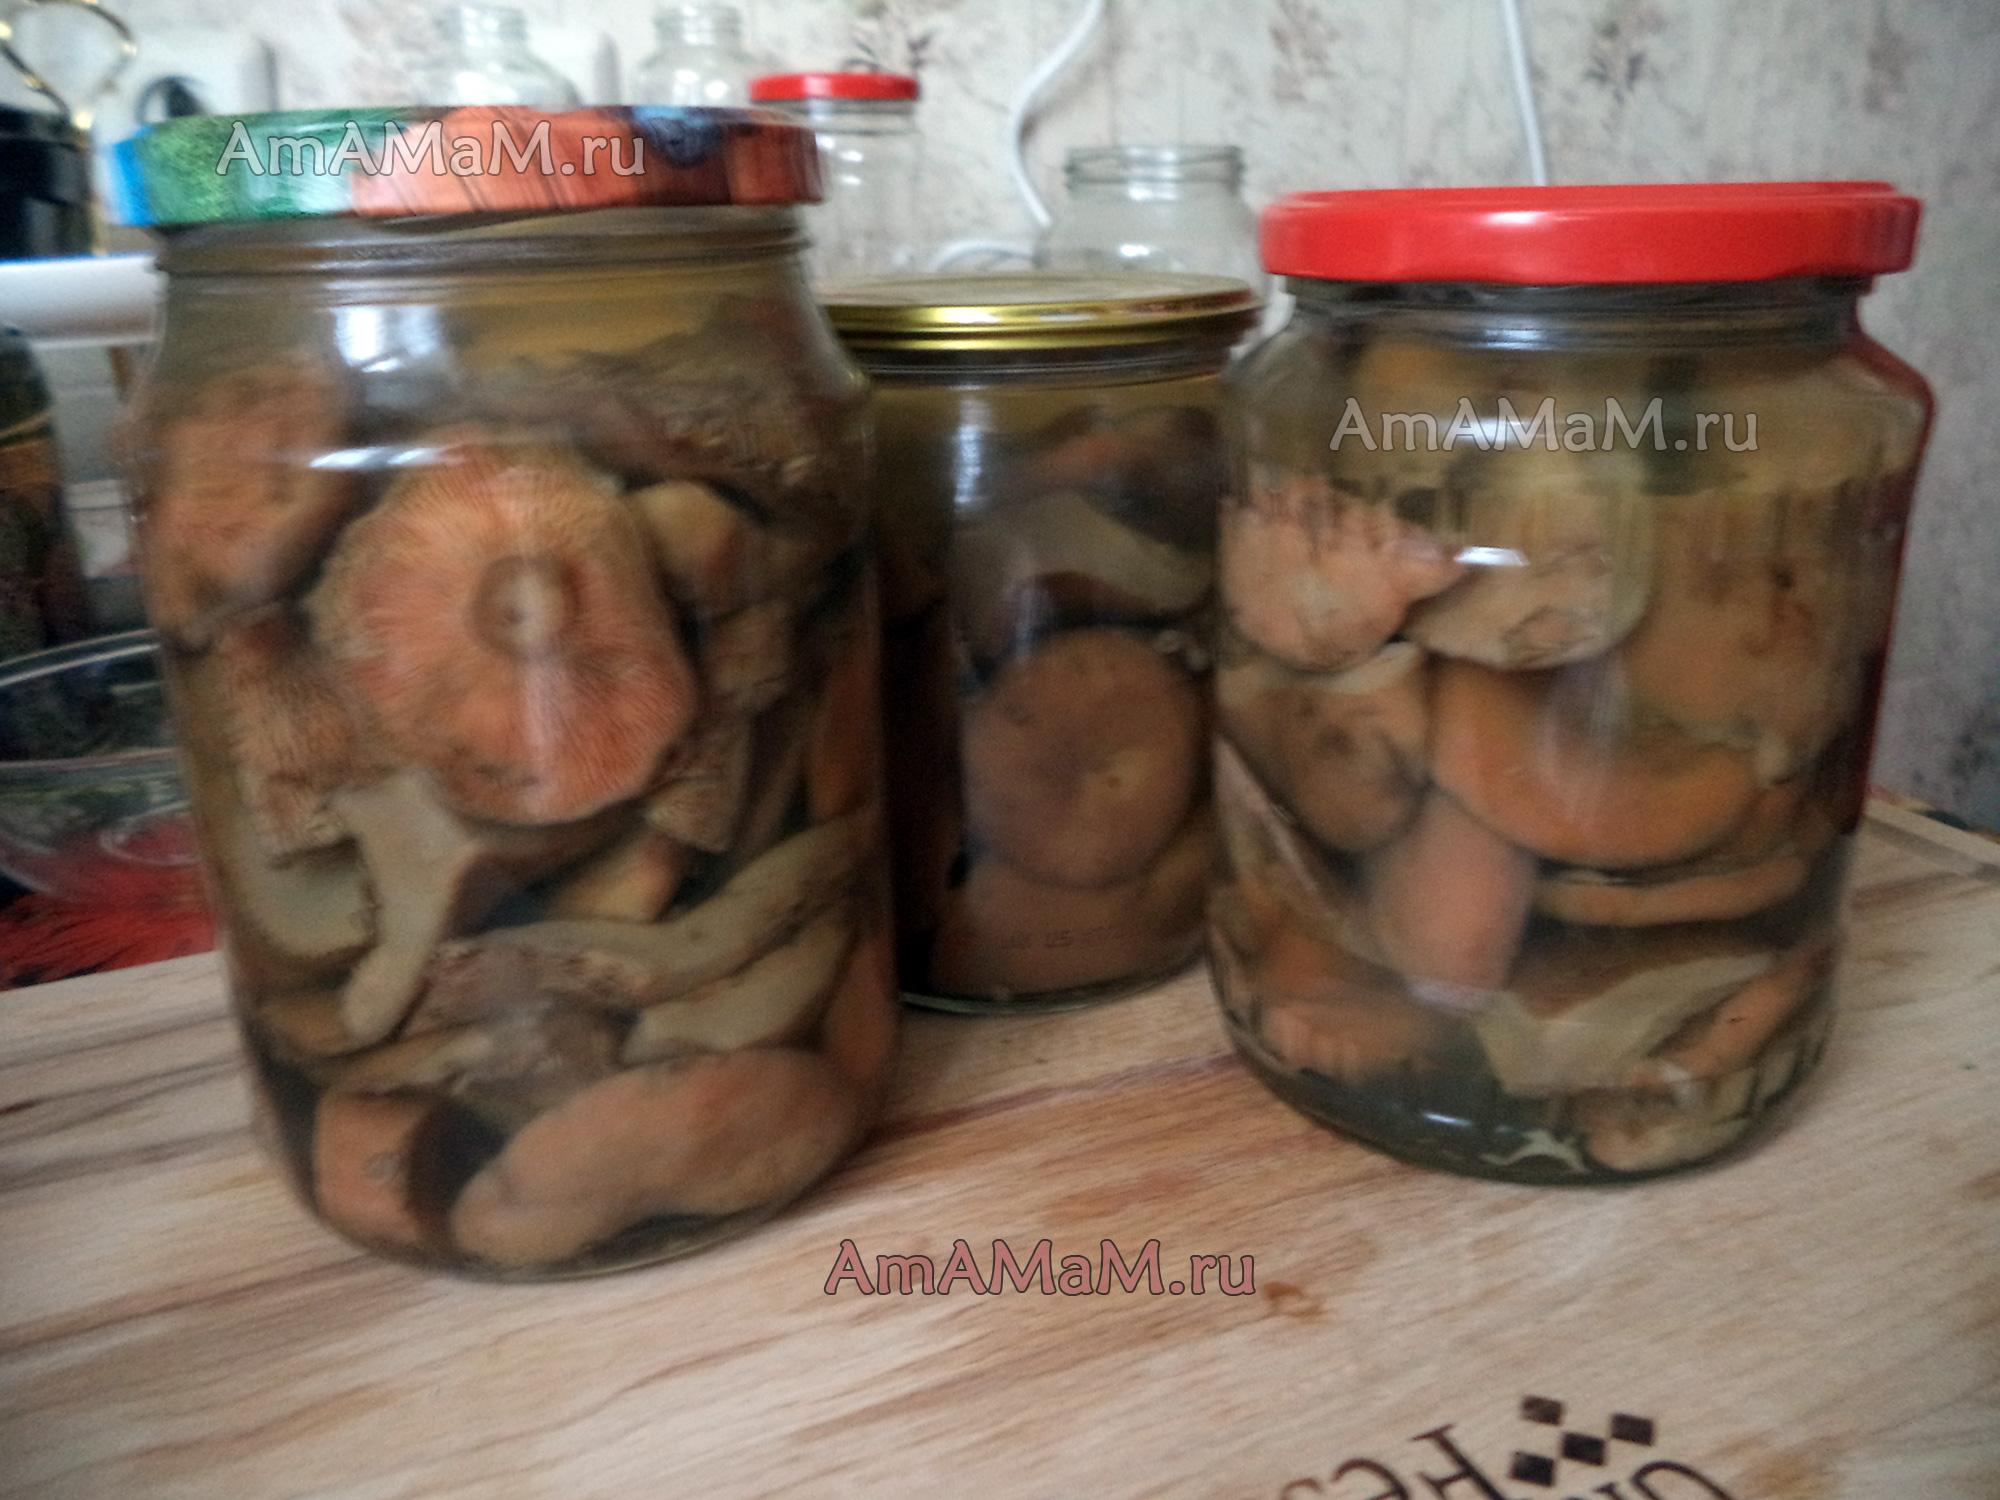 Простые пошаговые рецепты засолки рыжиков в домашних условиях на зиму в банках - всё про сады